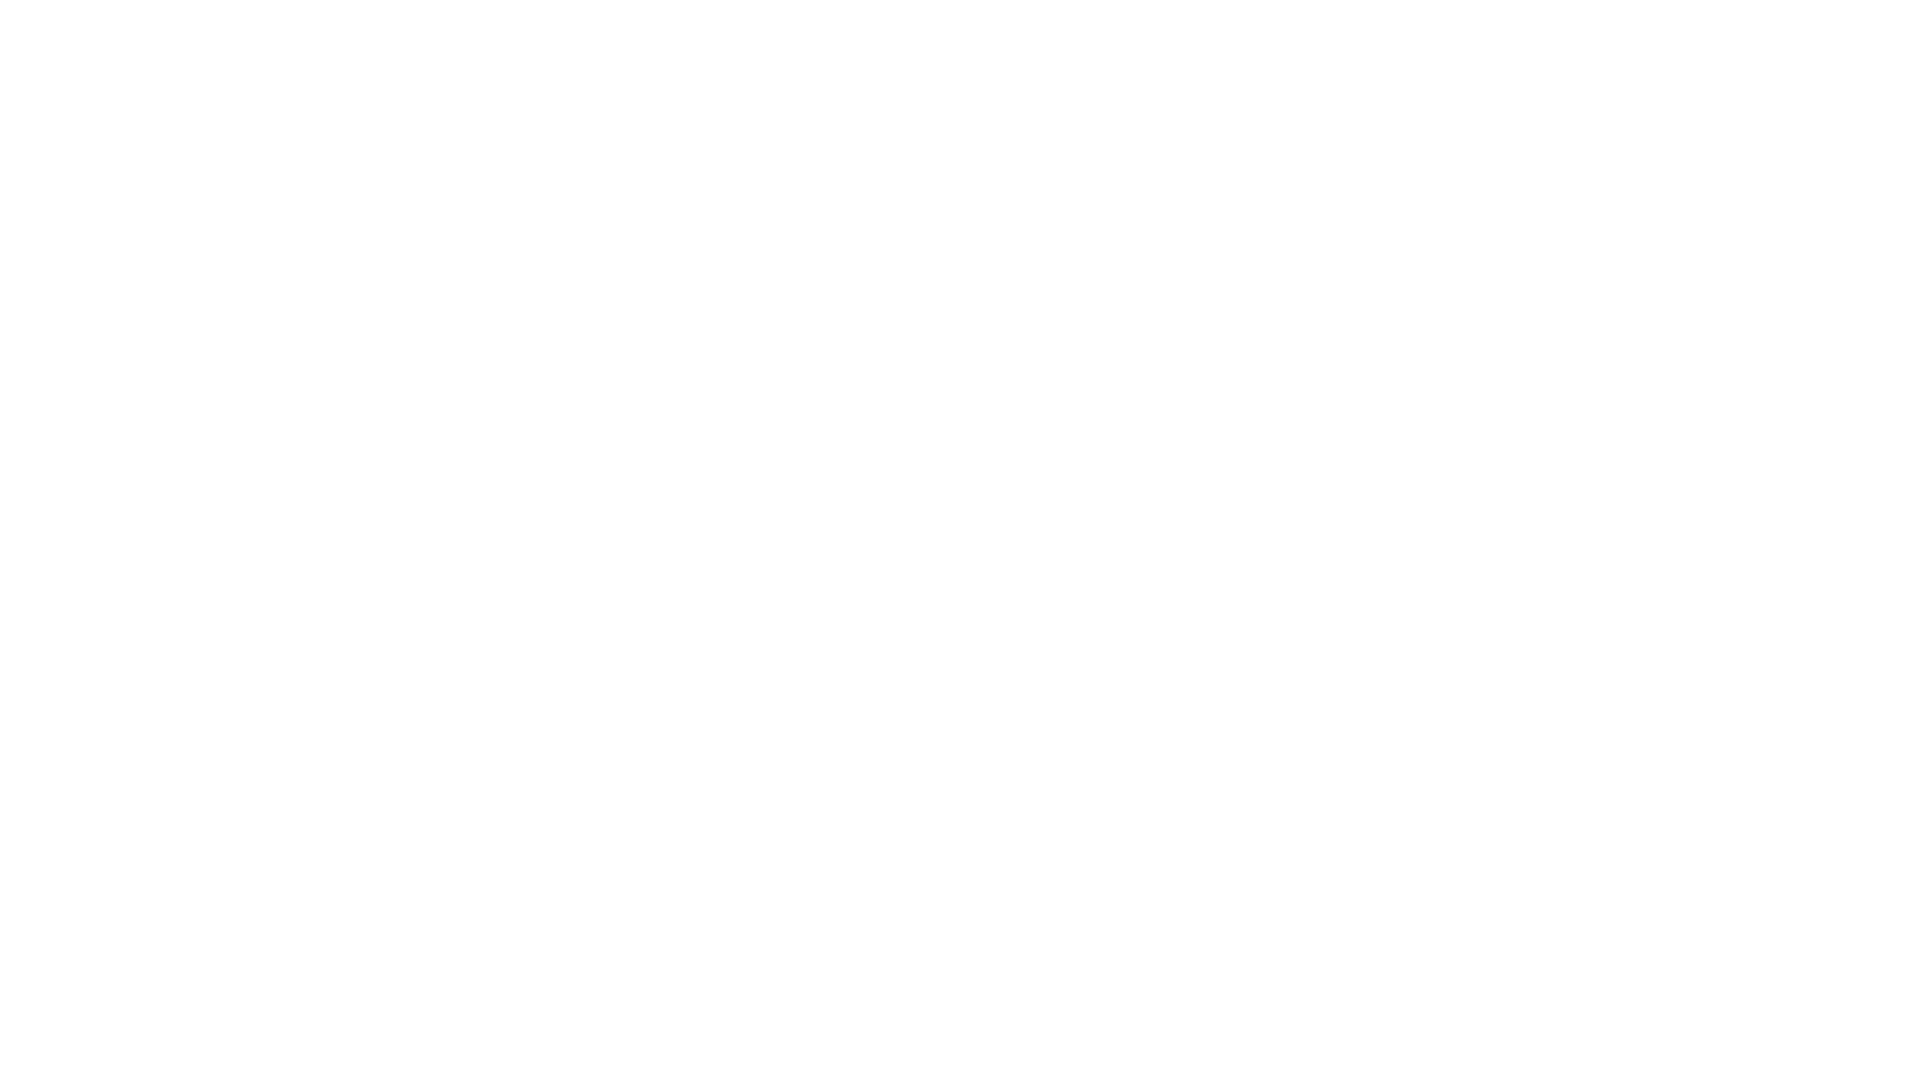 2019 la migliore Vendita Del Prodotto Dell'animale Domestico Personalizzato/Collare di Cane di Nylon/Commercio All'ingrosso Guinzaglio Del Cane